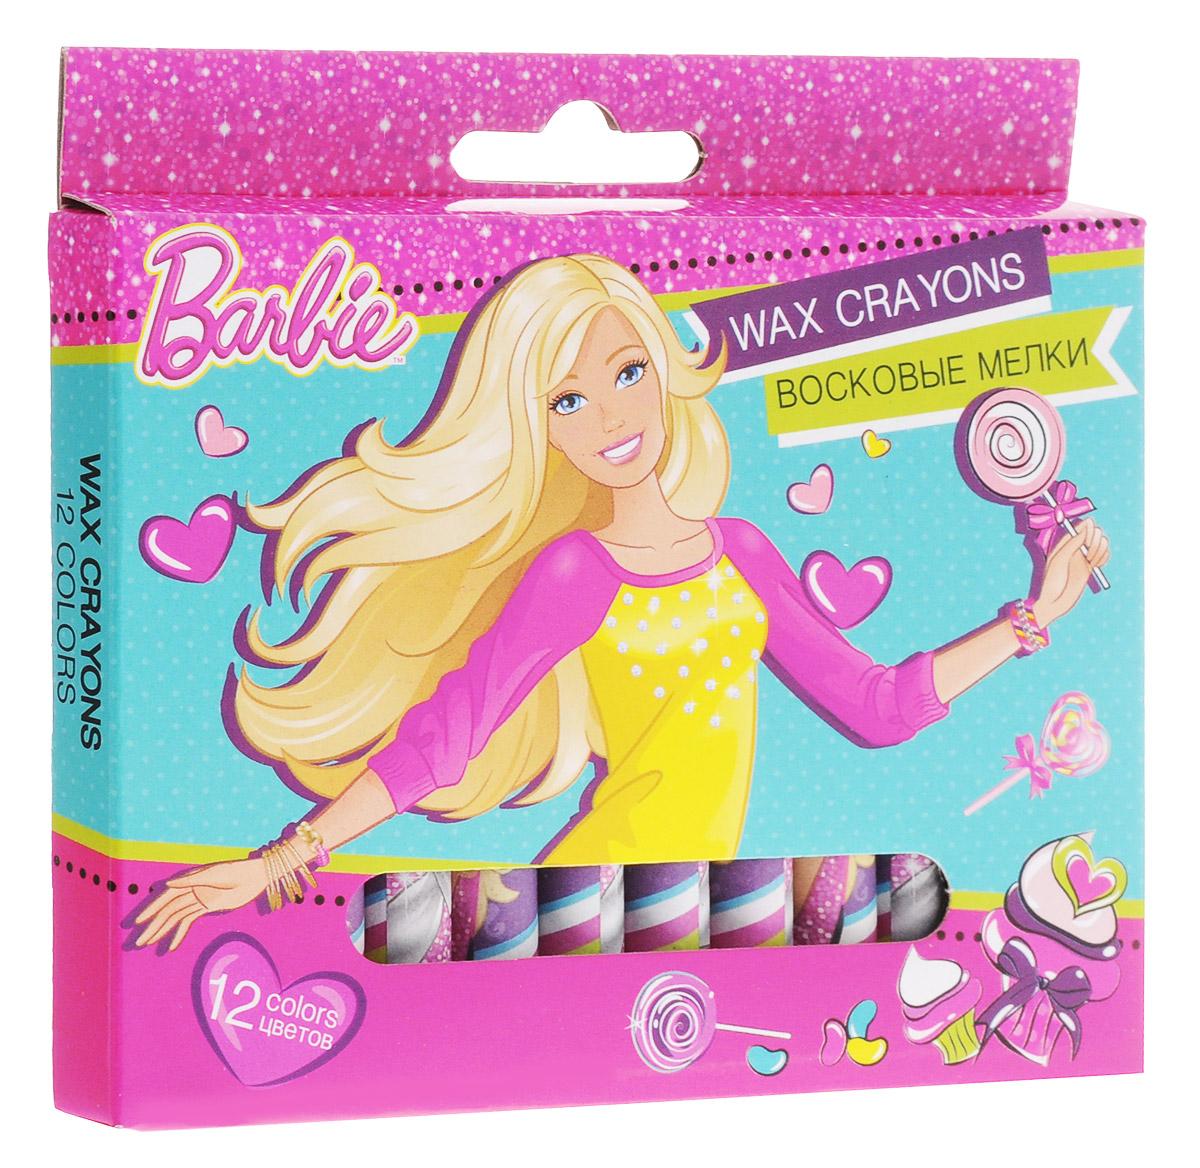 Barbie Восковые мелки 12 цветовBRCB-US1-2012BНабор восковых мелков Barbie содержит мелки 12 ярких насыщенных цветов. Каждый мелок обернут в бумажную гильзу. Круглый утолщенный корпус особенно удобен для маленьких детских ручек. Мелки обладают отличными кроющими свойствами, не требуют сильного нажатия. Рисунки мелками стираются обычным ластиком. Не токсичны и абсолютно безопасны.Цветные восковые мелки отличаются необыкновенной яркостью и стойкостью цвета. Легко смешиваются и позволяют создавать огромное количество оттенков. Очень прочные, не крошатся, не ломаются, не образуют пыли, самозатачиваются при рисовании.Восковые мелки откроют юным художникам новые горизонты для творчества, а также помогут отлично развить мелкую моторику рук, цветовое восприятие, фантазию и воображение, способствуют самовыражению.